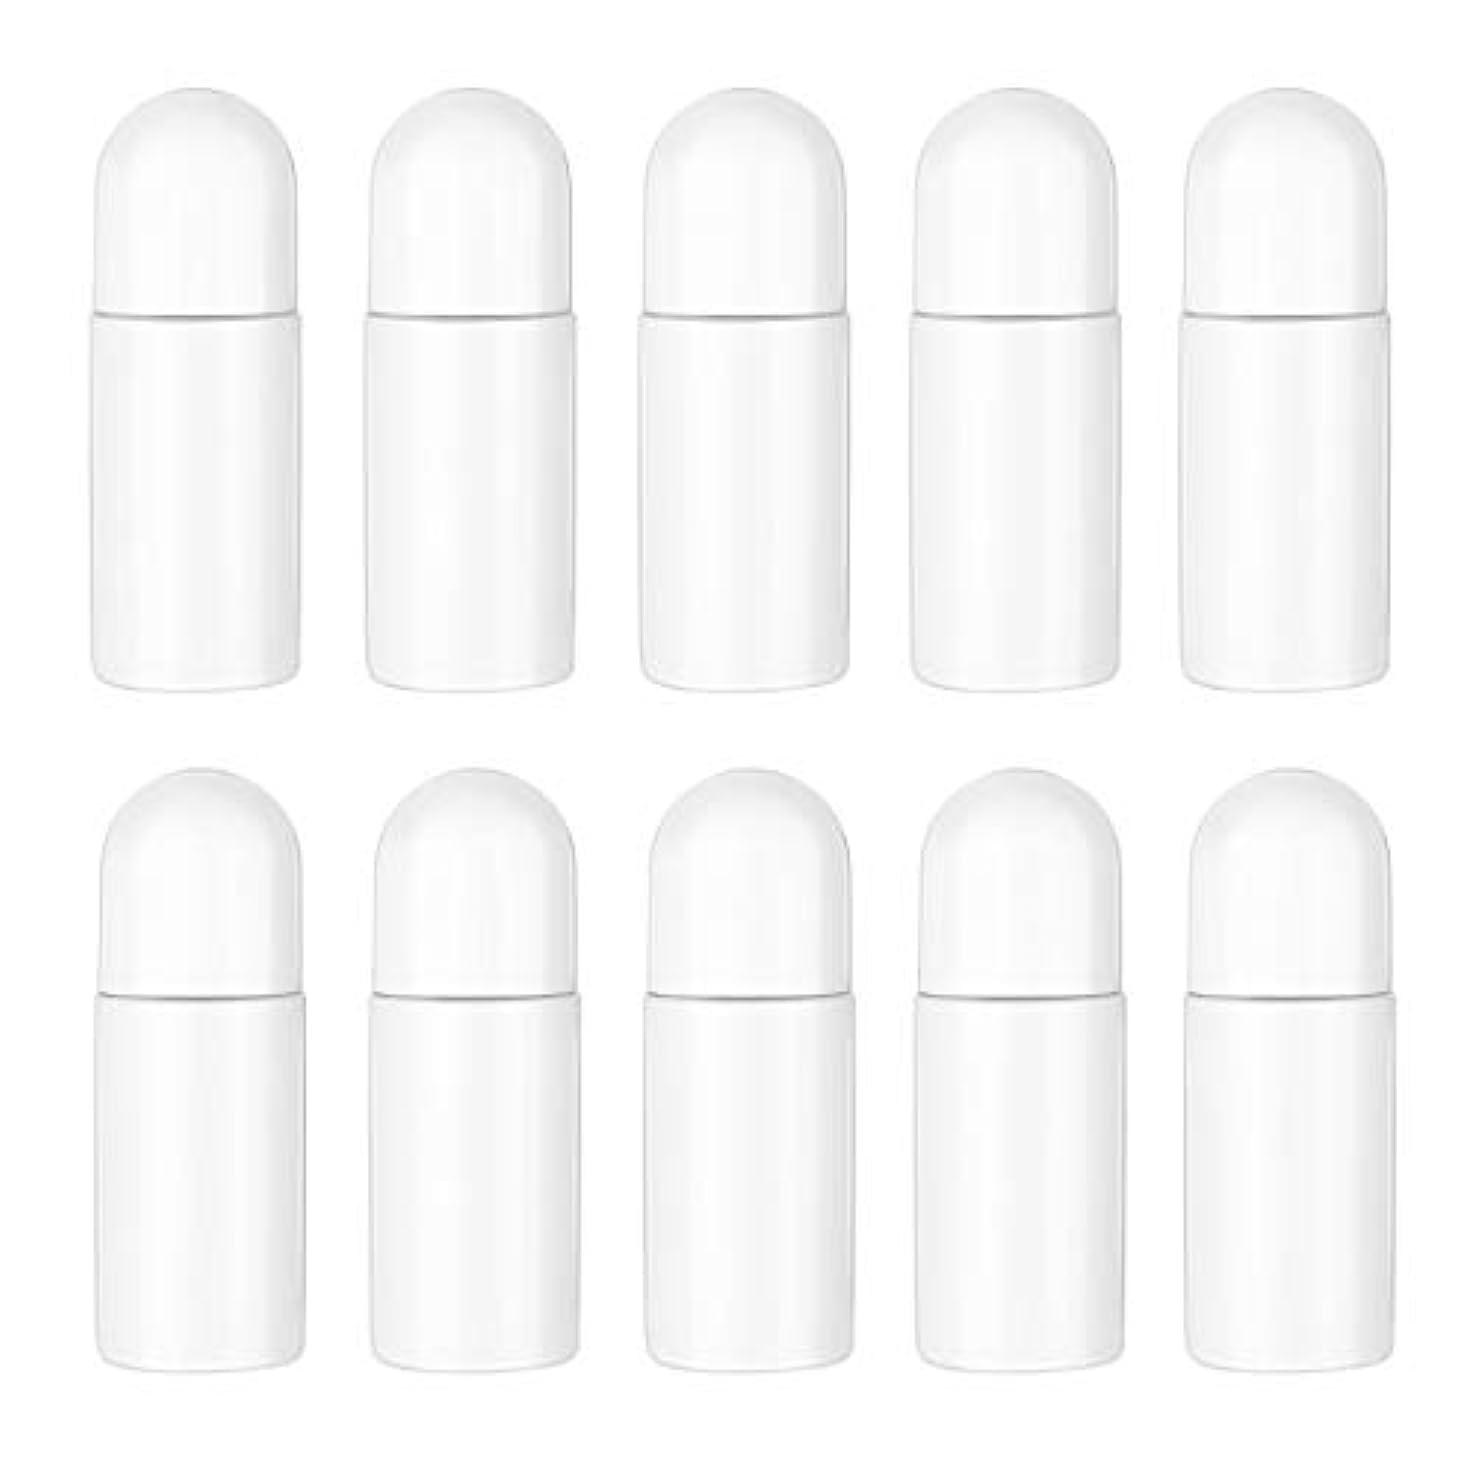 動機付ける資源気分が良いHealifty エッセンシャルオイル香水化粧品50 ml(白)の10ピースプラスチックローラーボトル空の詰め替え可能なローラーボールボトル